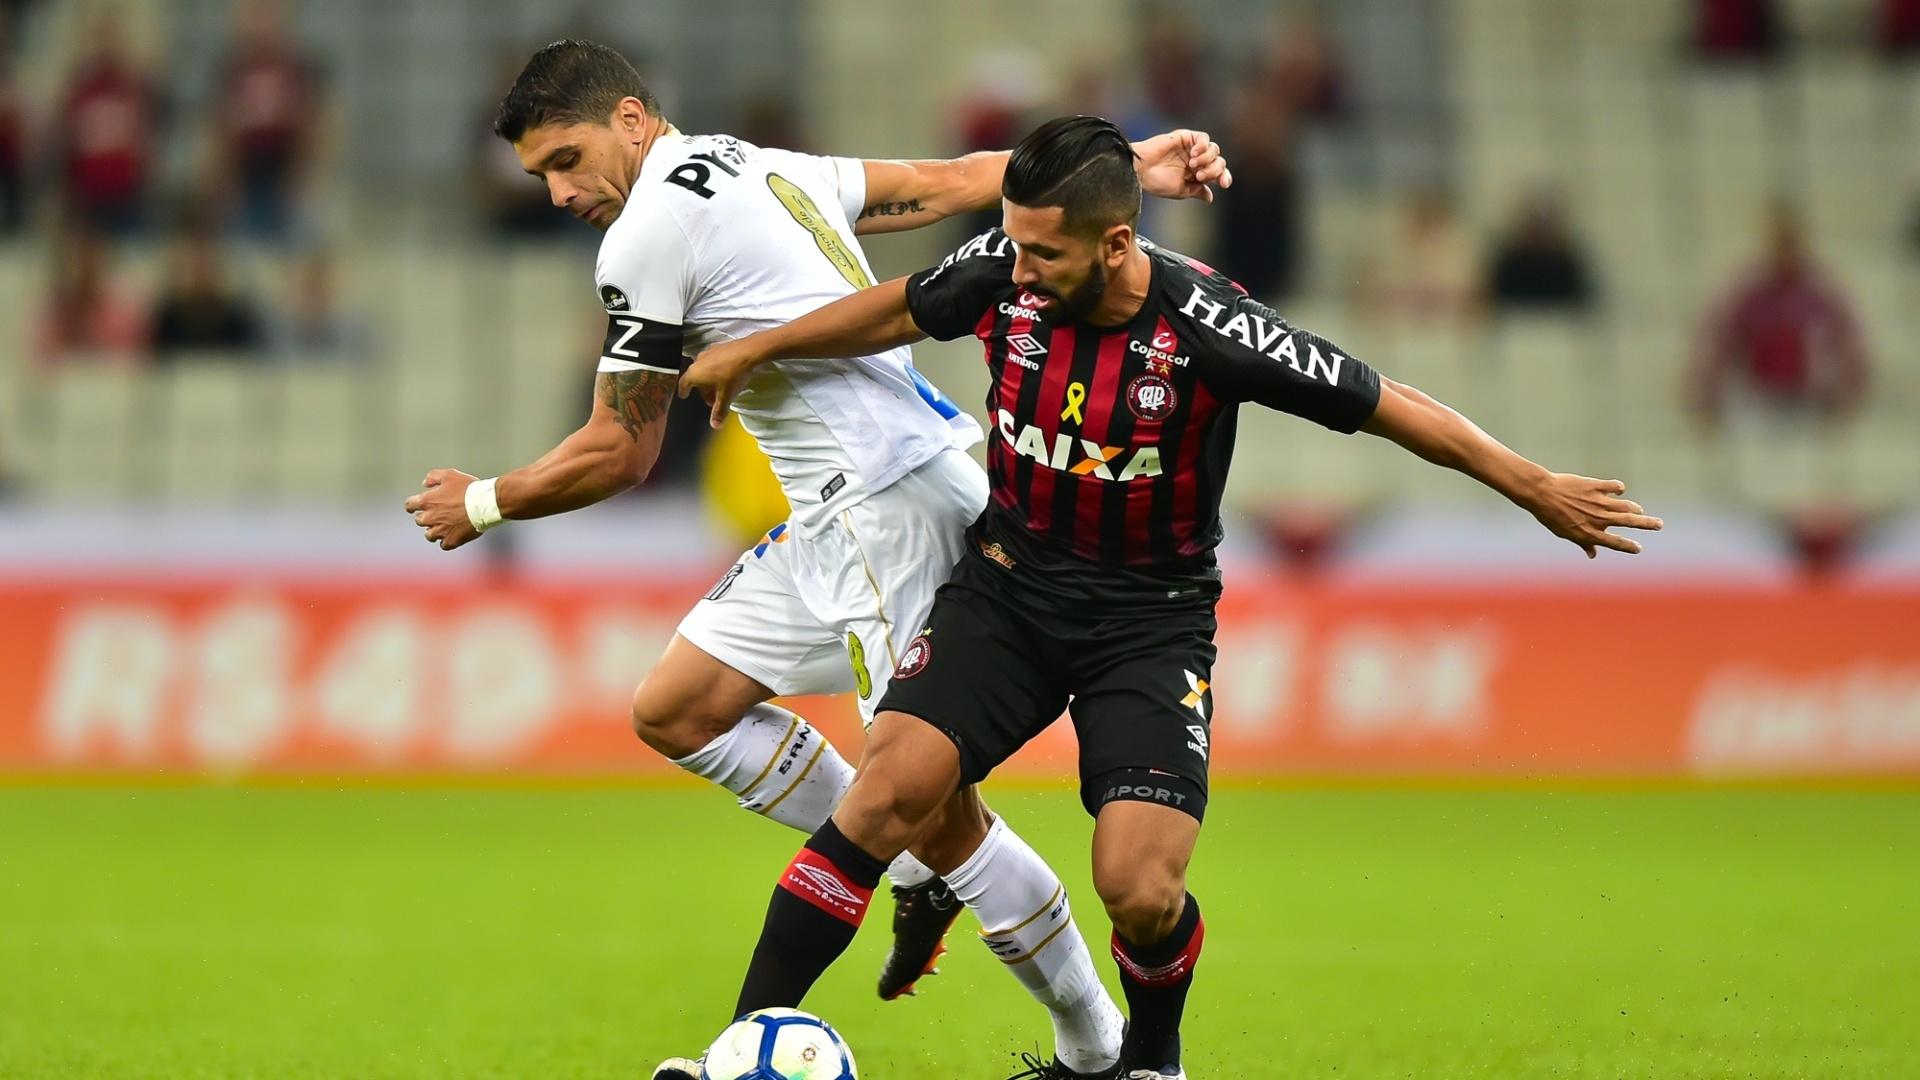 Renato e Guilherme disputam bola em Atlético-PR x Santos pelo Campeonato Brasileiro